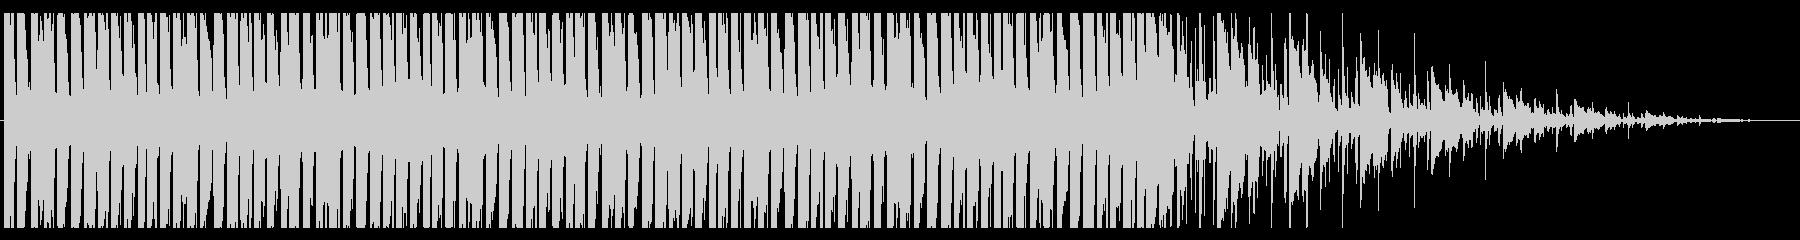 明るいピアノラウンジ_No406_5の未再生の波形